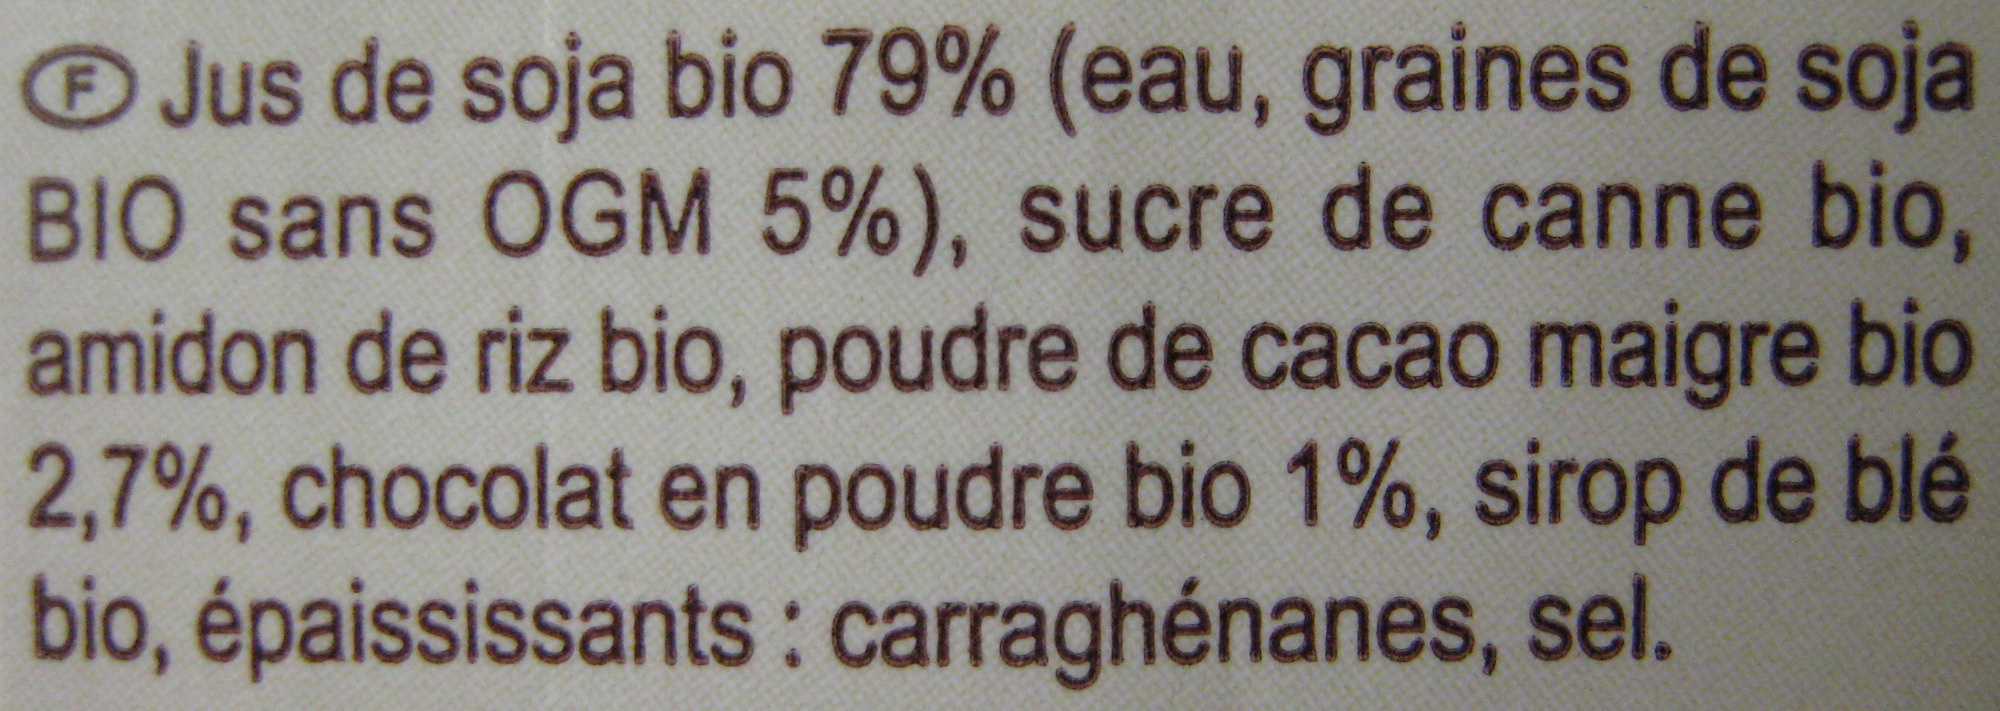 Dessert au soja, Saveur chocolat - Ingrédients - fr